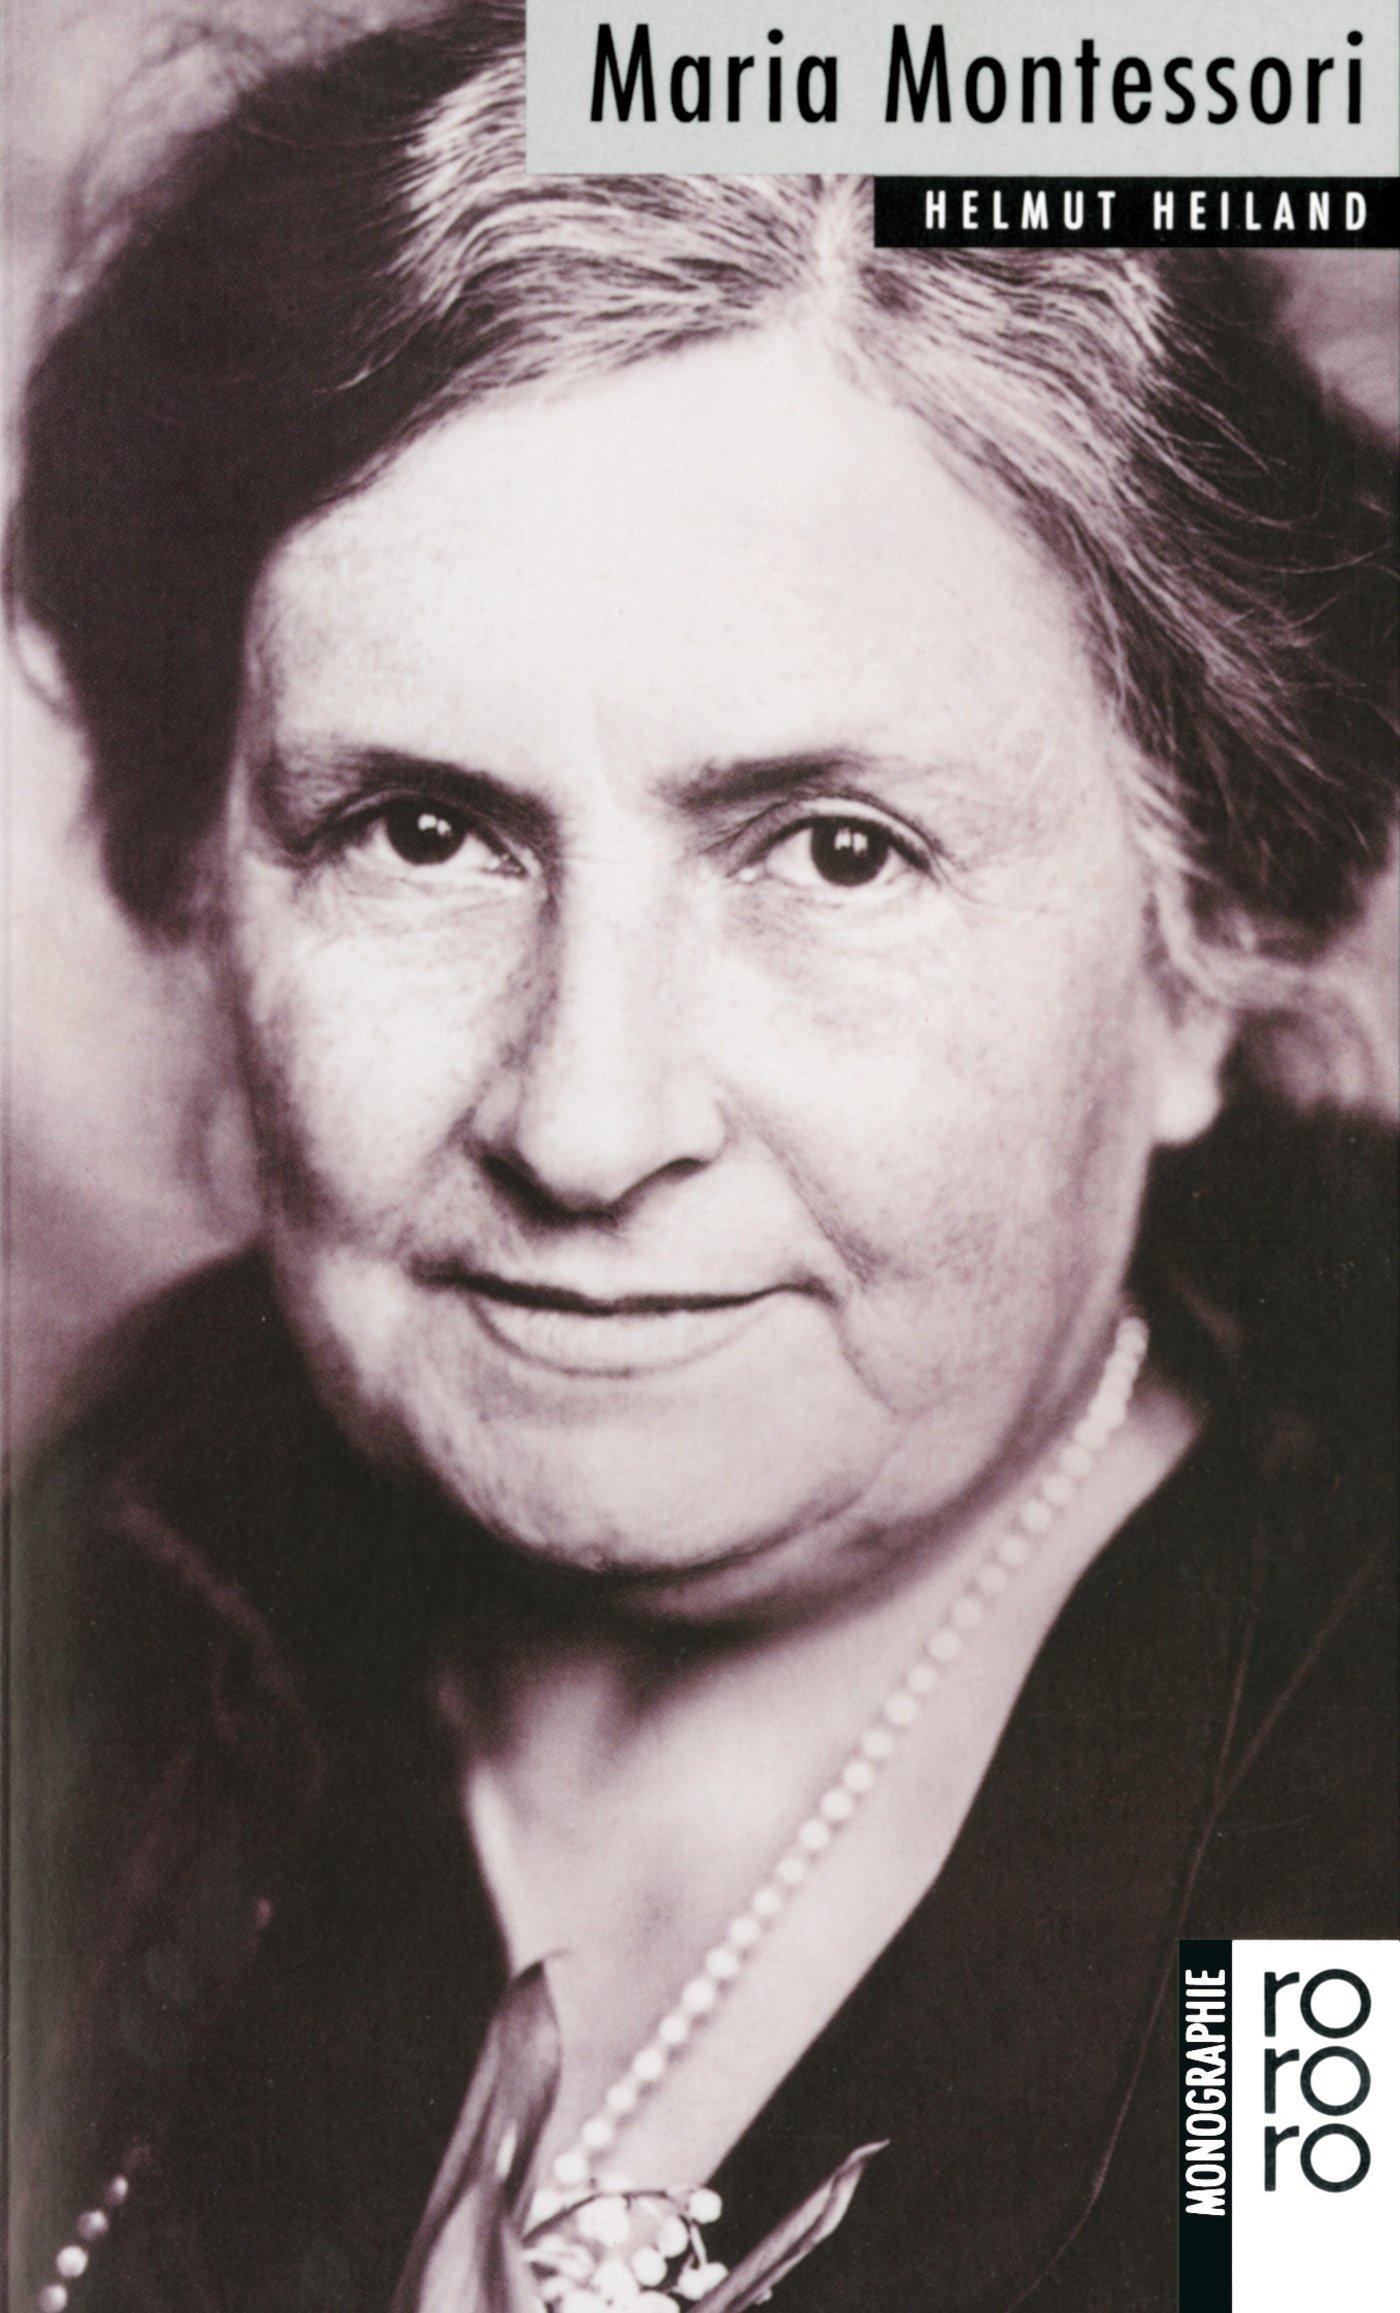 Maria Montessori. Mit Selbstzeugnissen und Bilddokumenten Taschenbuch – 1. Juli 1991 Helmut Heiland Rowohlt Taschenbuch 3499504197 Italien